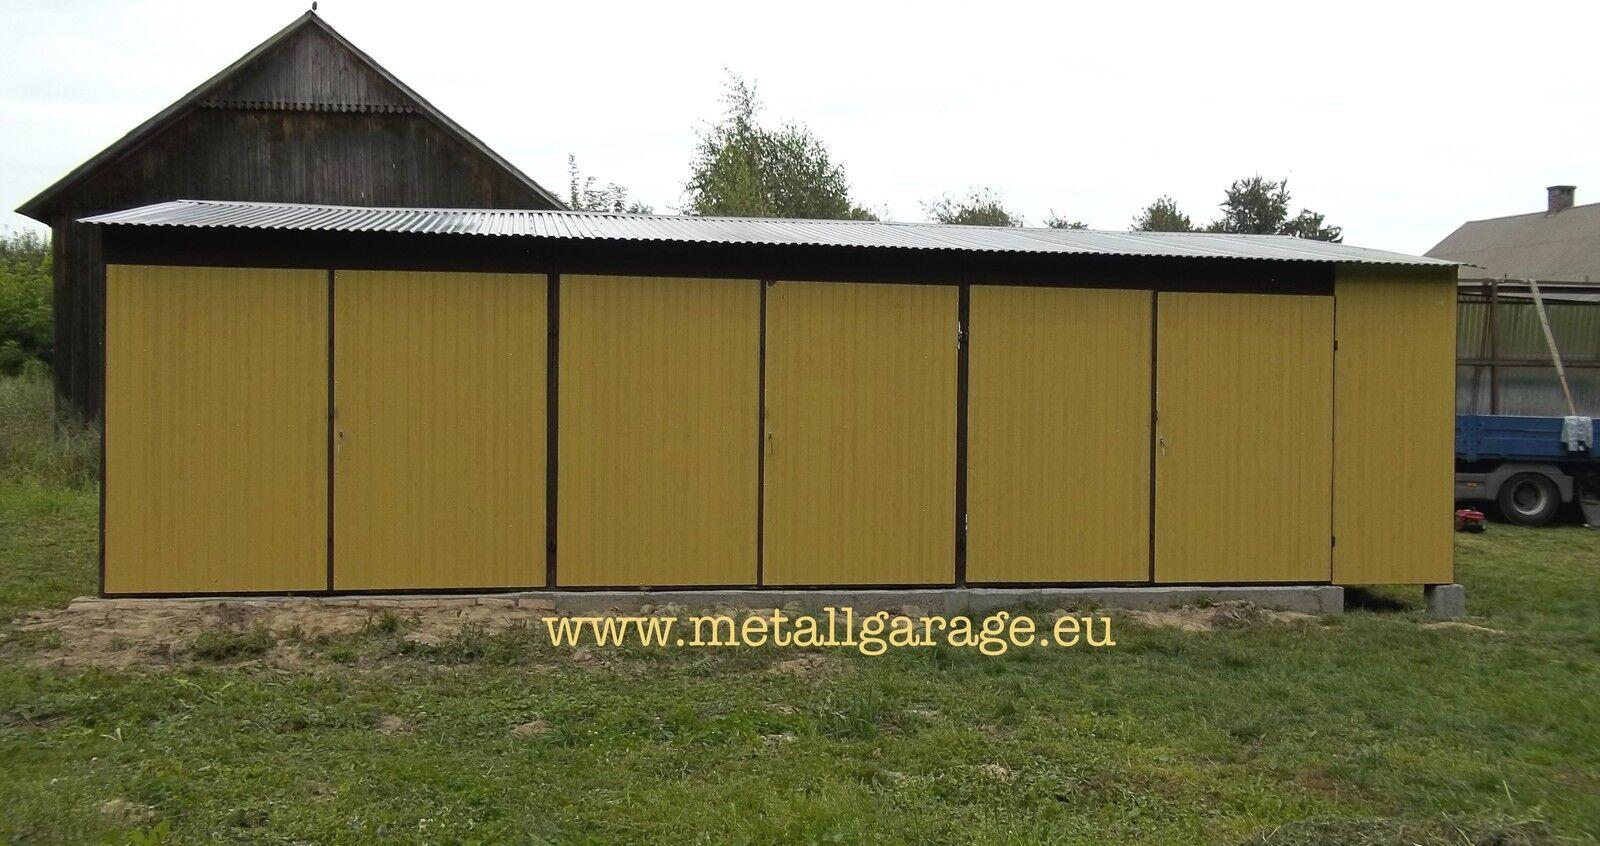 RAL 1002 10x5 Blechgarage Fertiggarage Metallgarage LAGERRAUM RAUM KFZ GARAGE